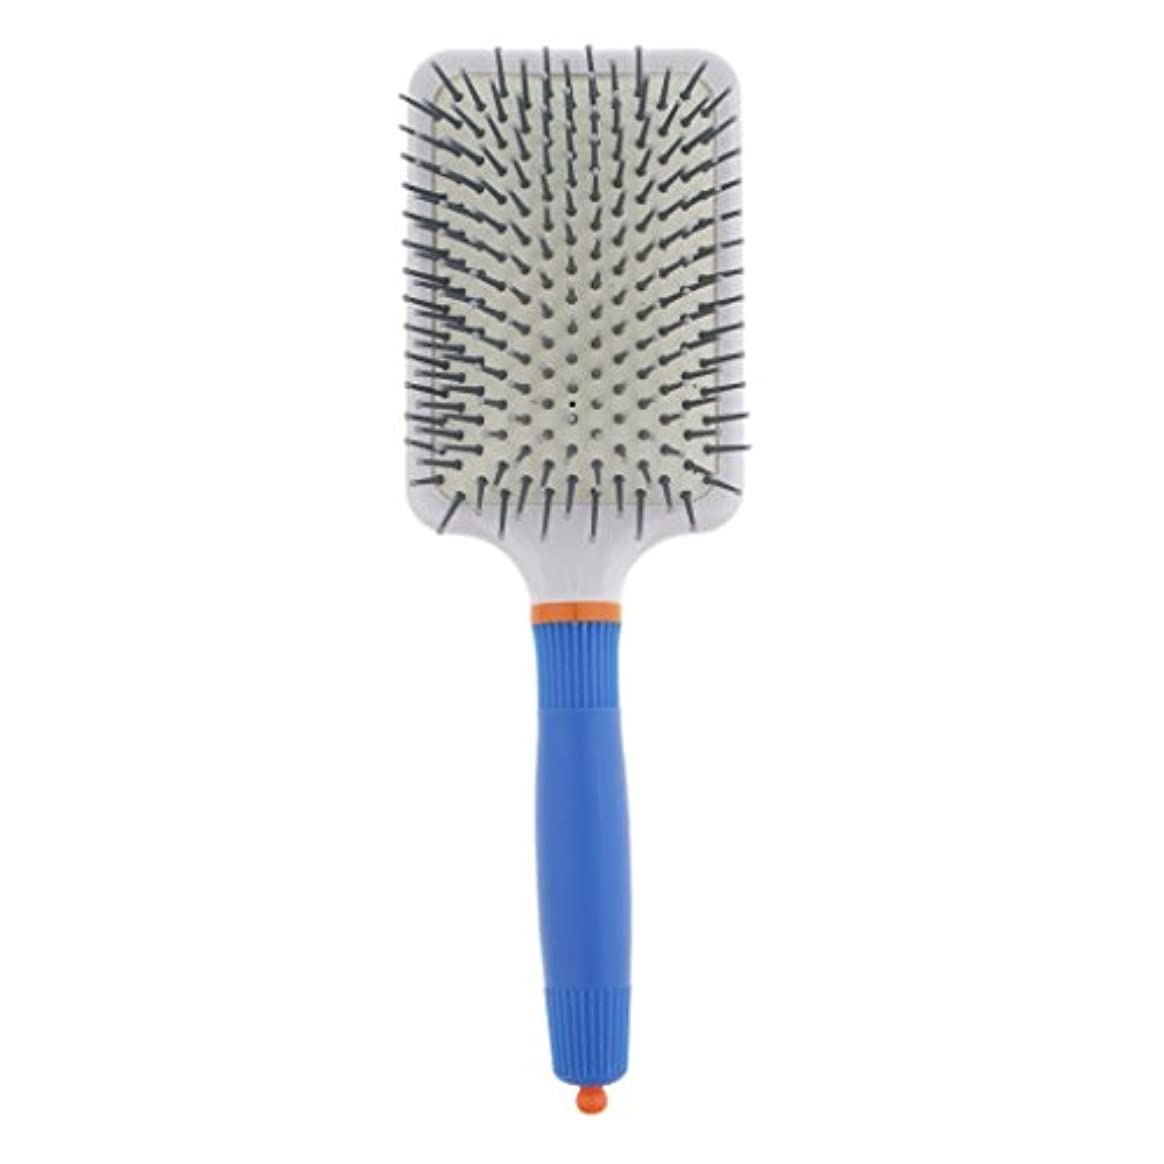 リダクター逃す傾向がありますT TOOYFUL プラスチック製 ブラシ 頭皮マッサージブラシ フラットヘアブラシ 櫛 静電気防止 全2色 - ダークブルー